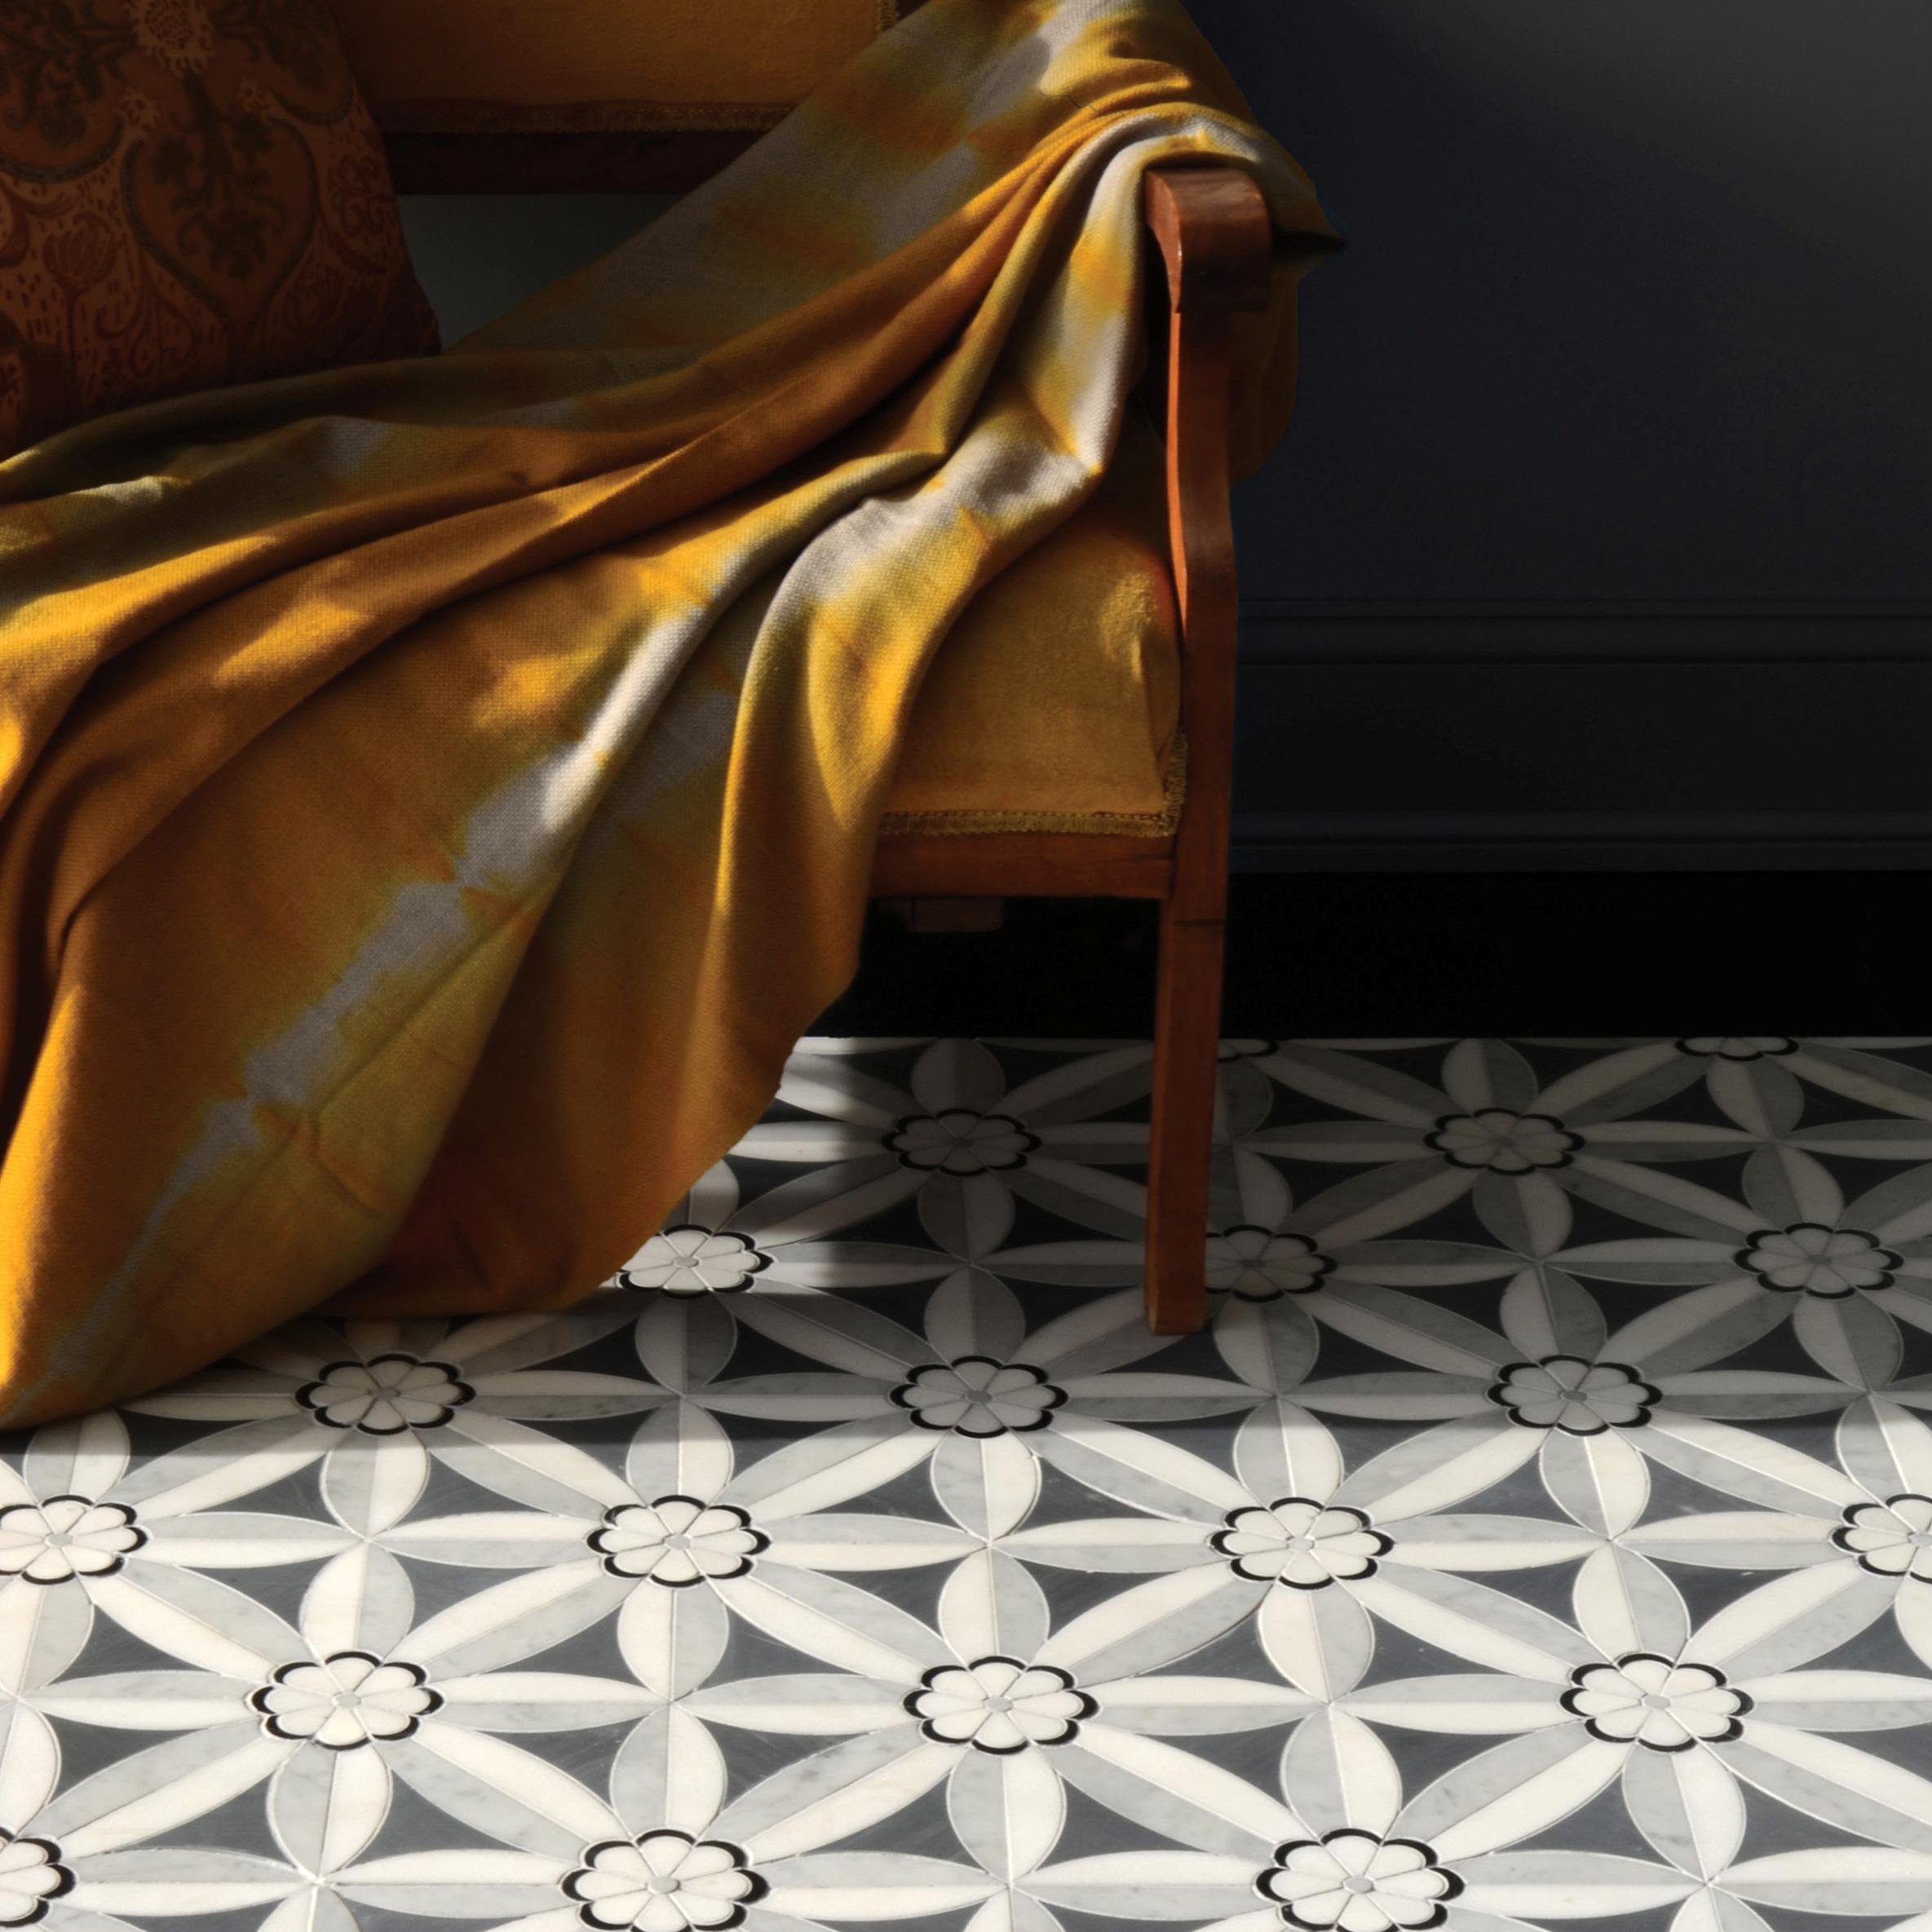 Фигурная мозаика на полу